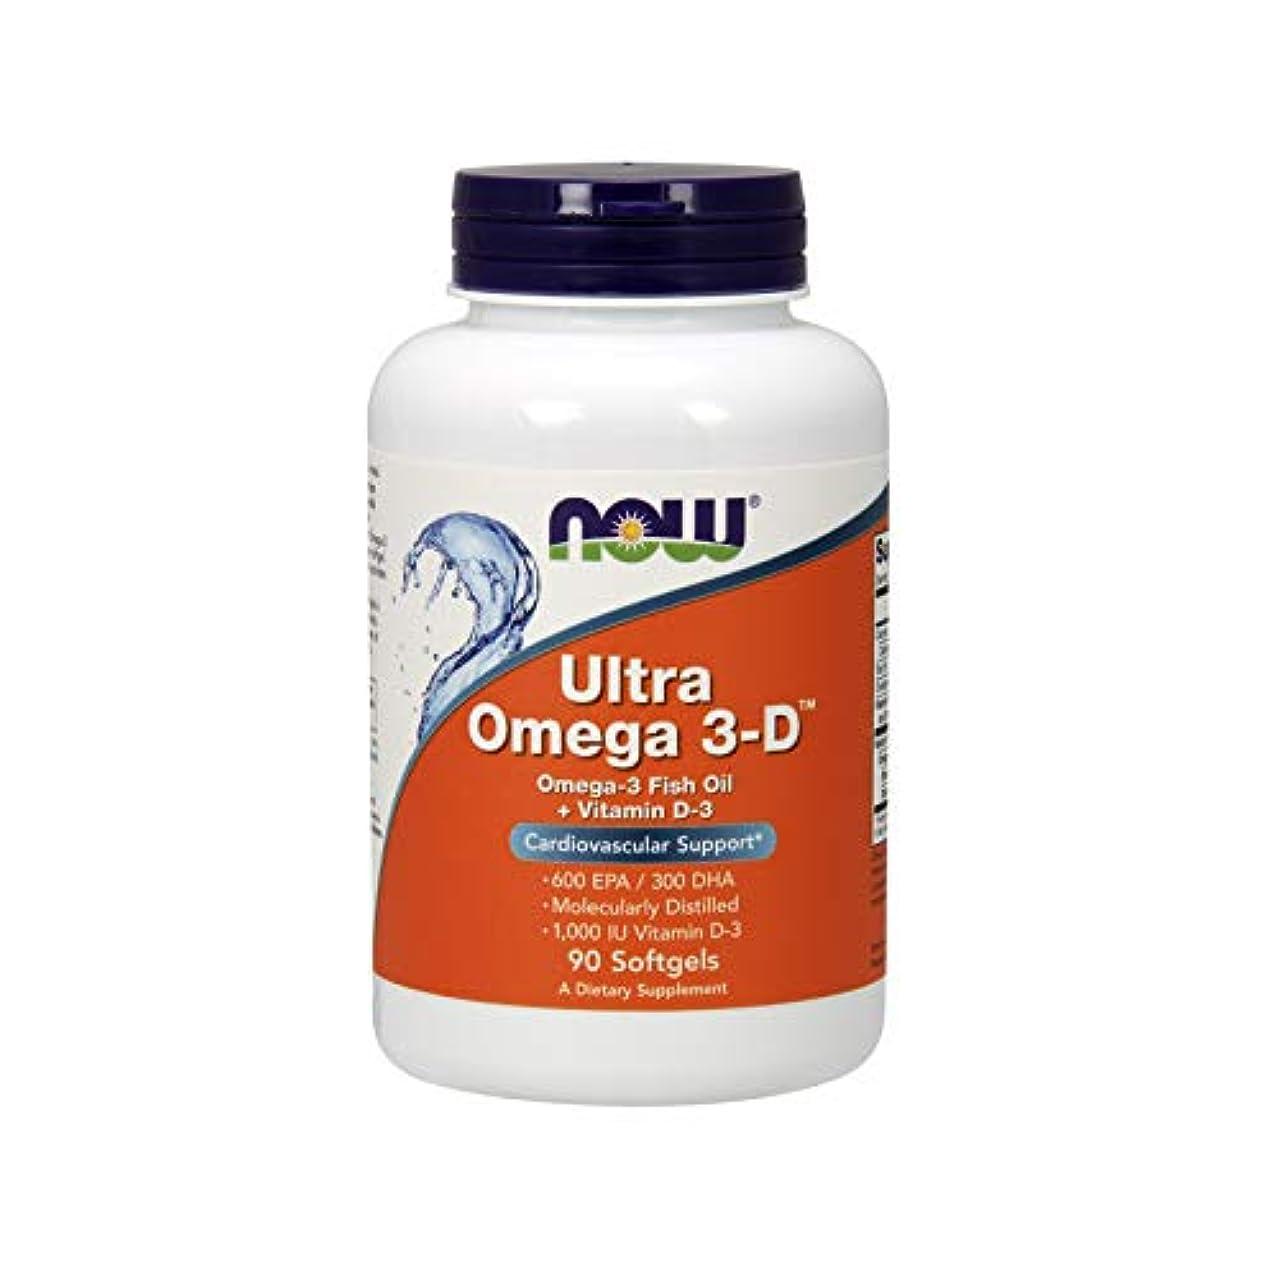 貴重な見捨てられた内訳Now Foods Ultra Omega 3-D Softgels, 0.48 Pound